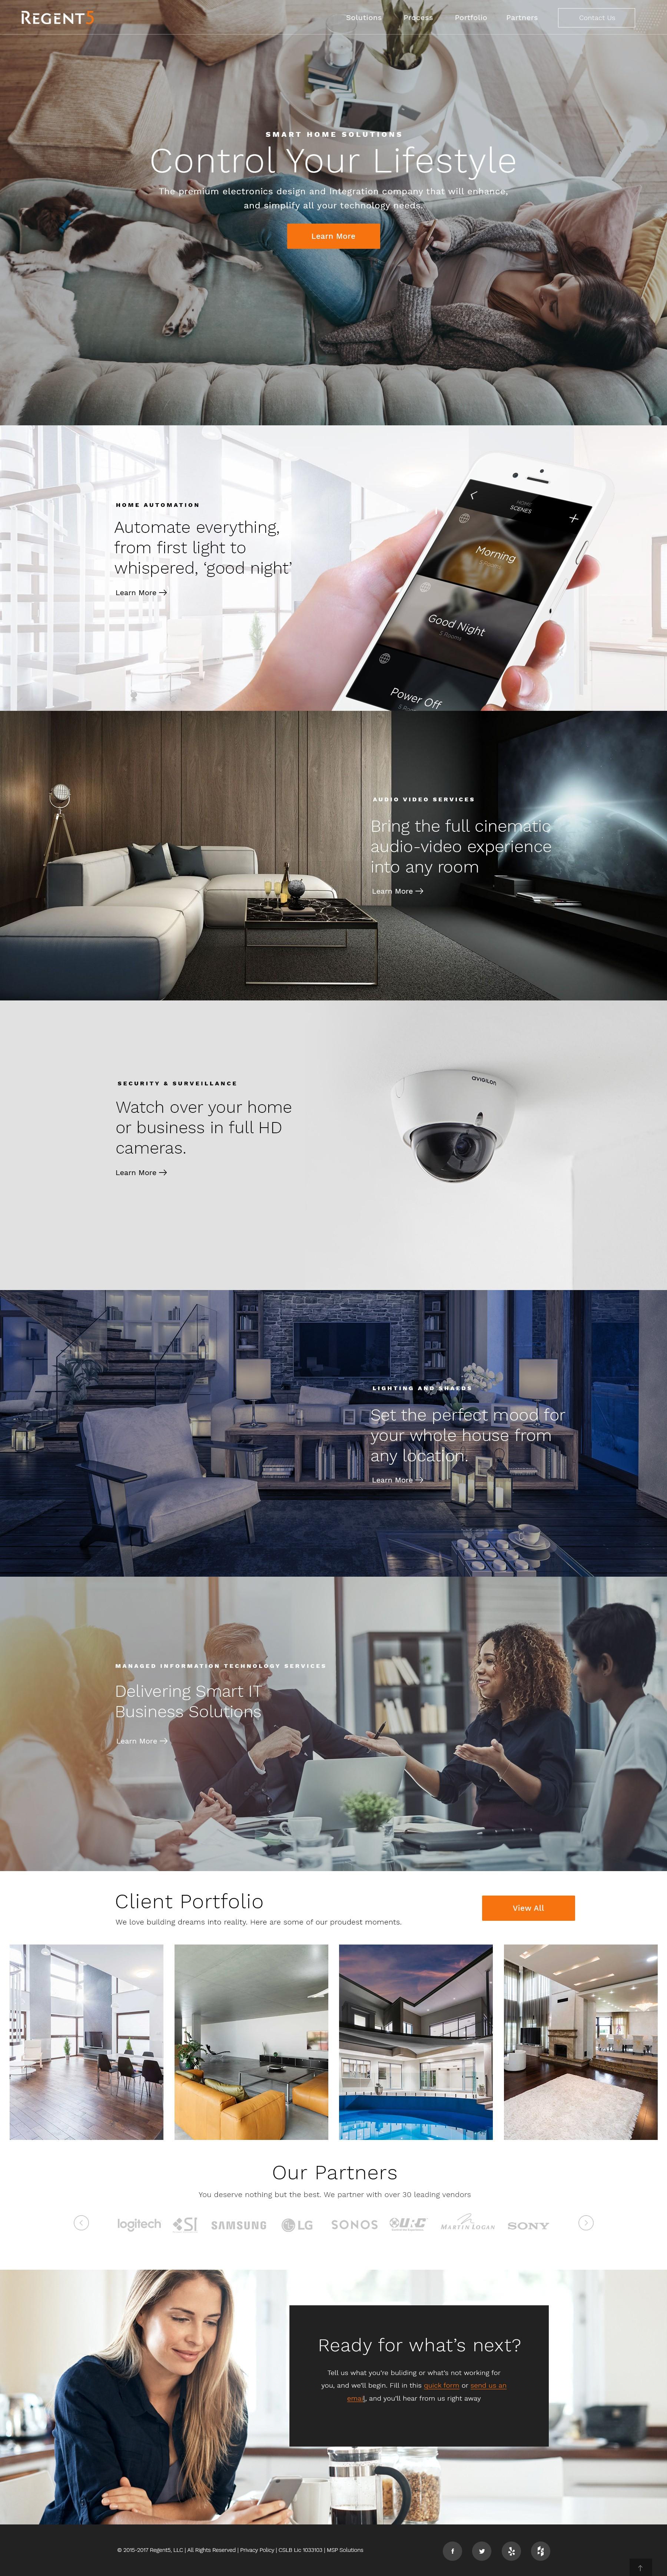 Regent5 - Website design